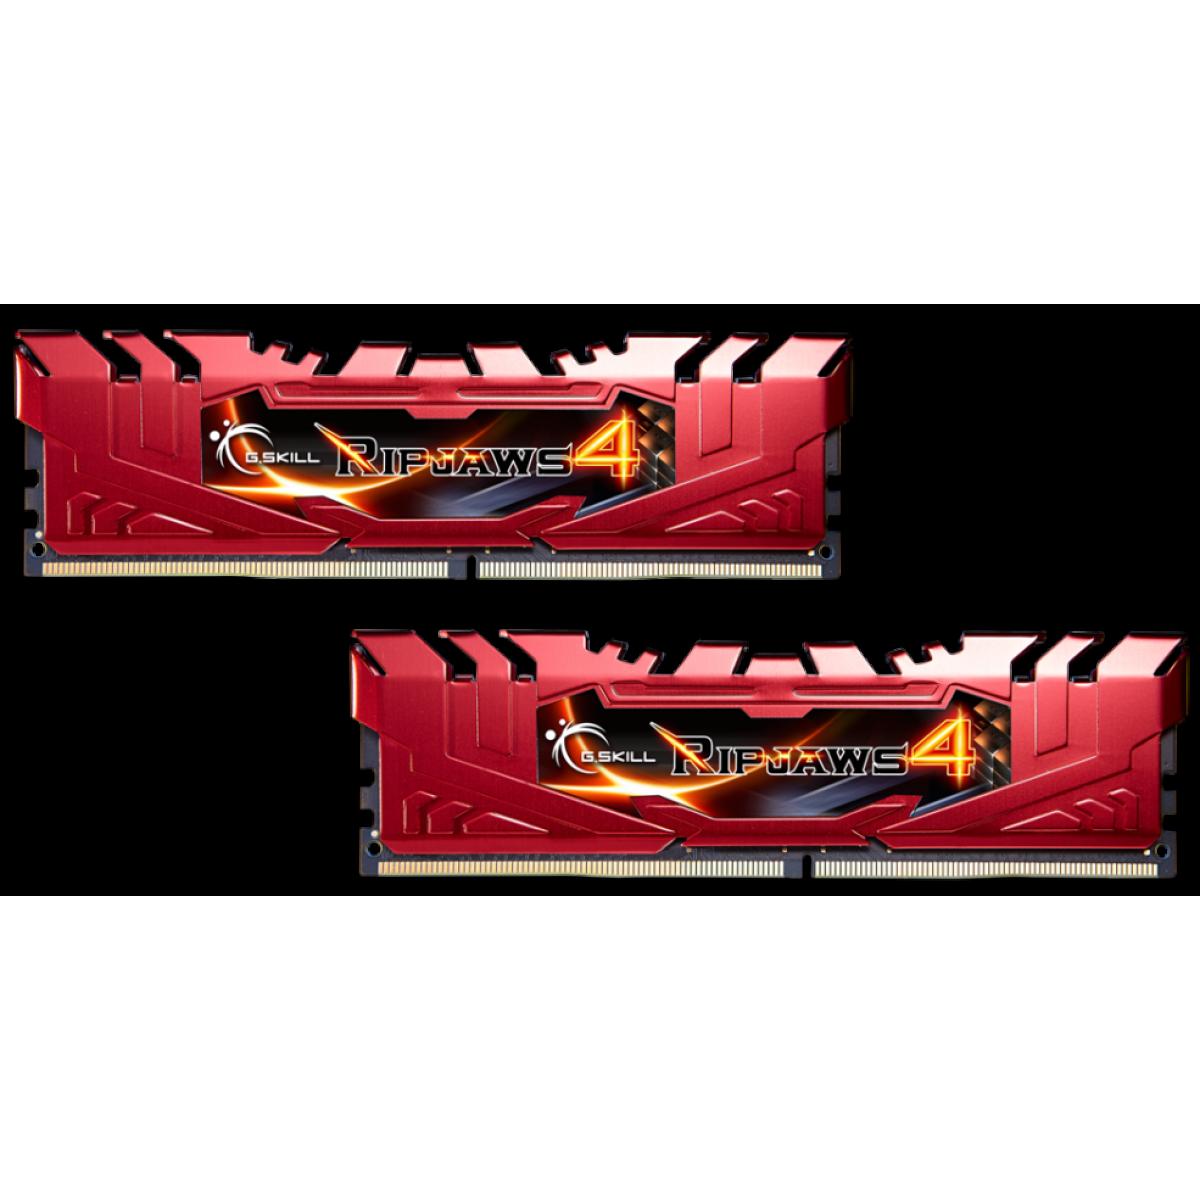 Memória DDR4 G.Skill Ripjaws 4, 16GB (2x8GB) 2400MHz, F4-2400C15D-16GRR